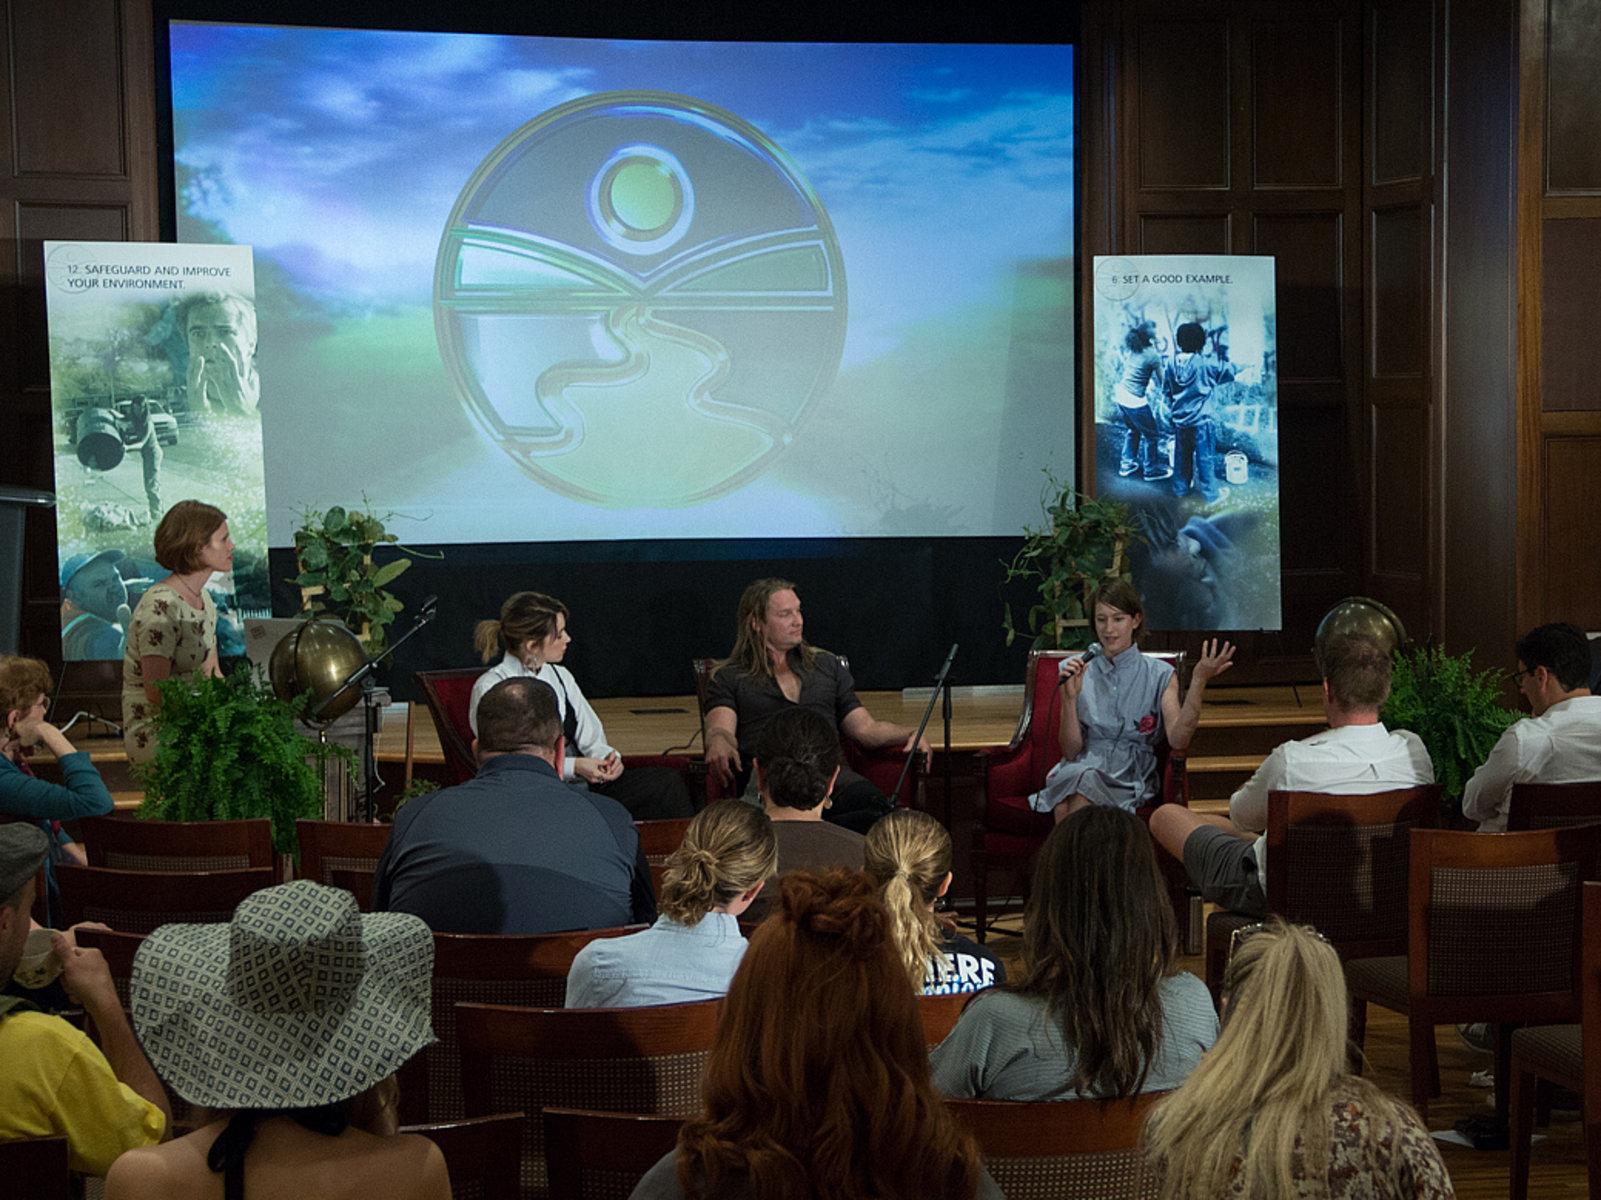 L'Église de Scientologie présente les bonnes pratiques pour un développement durable